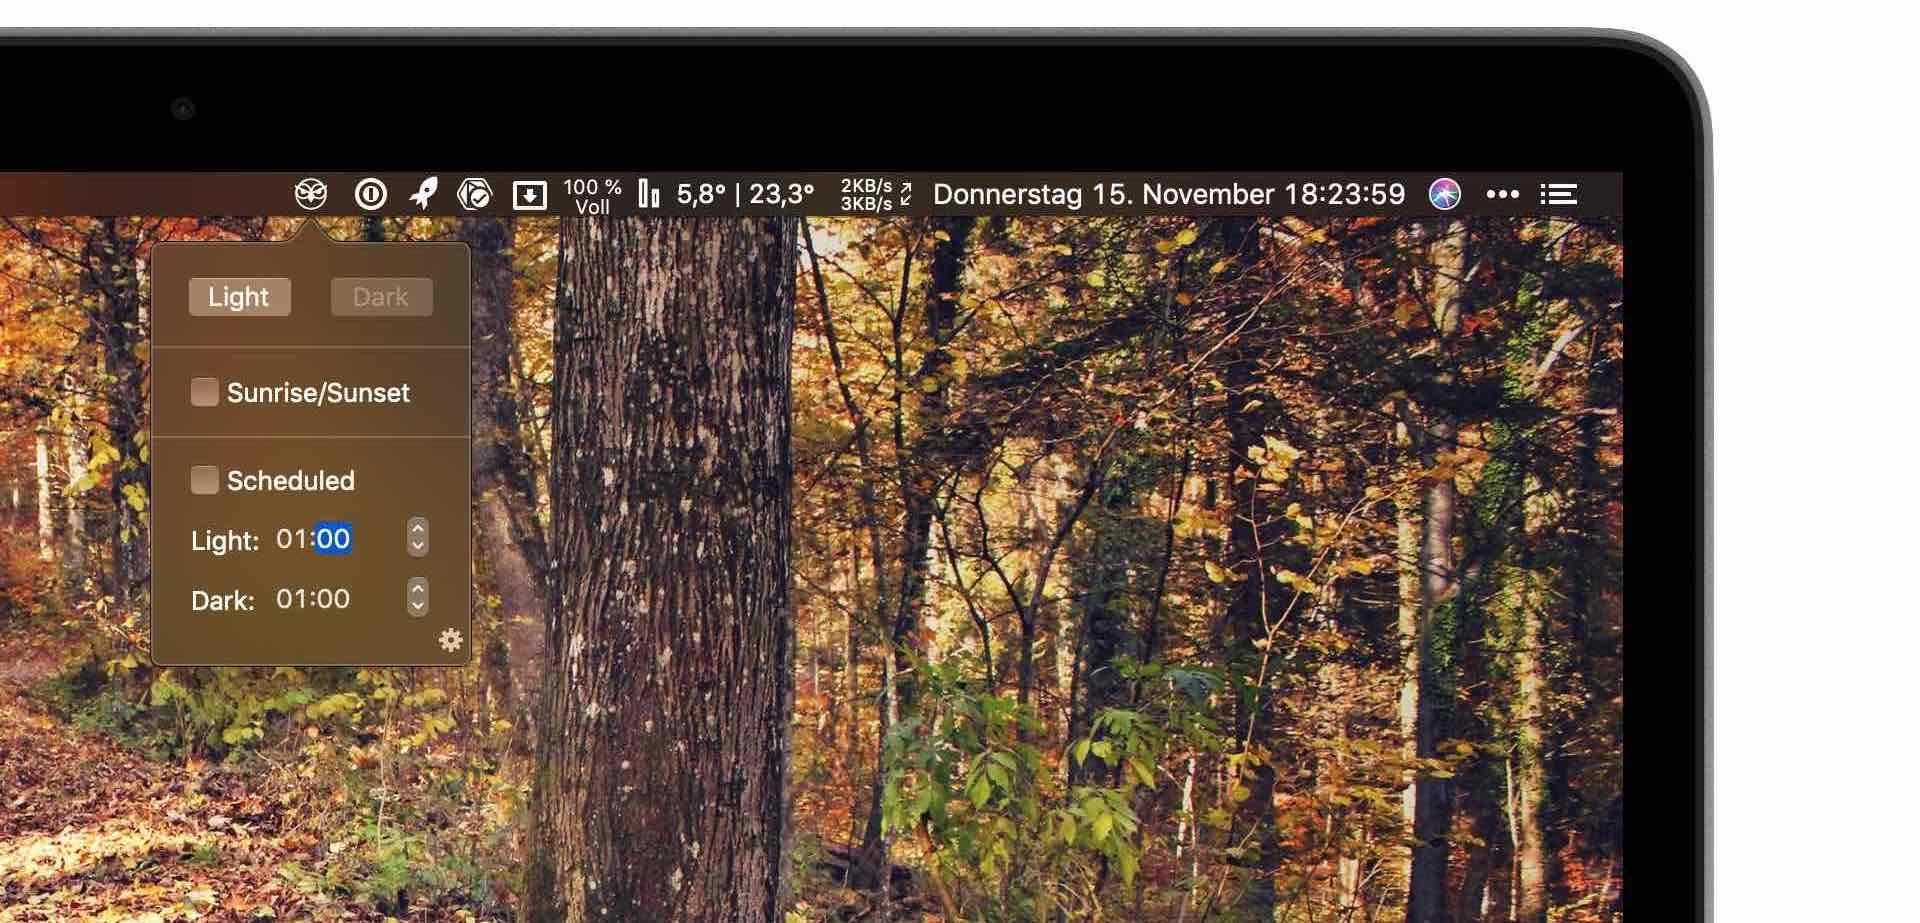 Nightowl-_Artikelbild02 Nightowl - über die Menüleiste den Darkmode schnell ein- und ausschalten